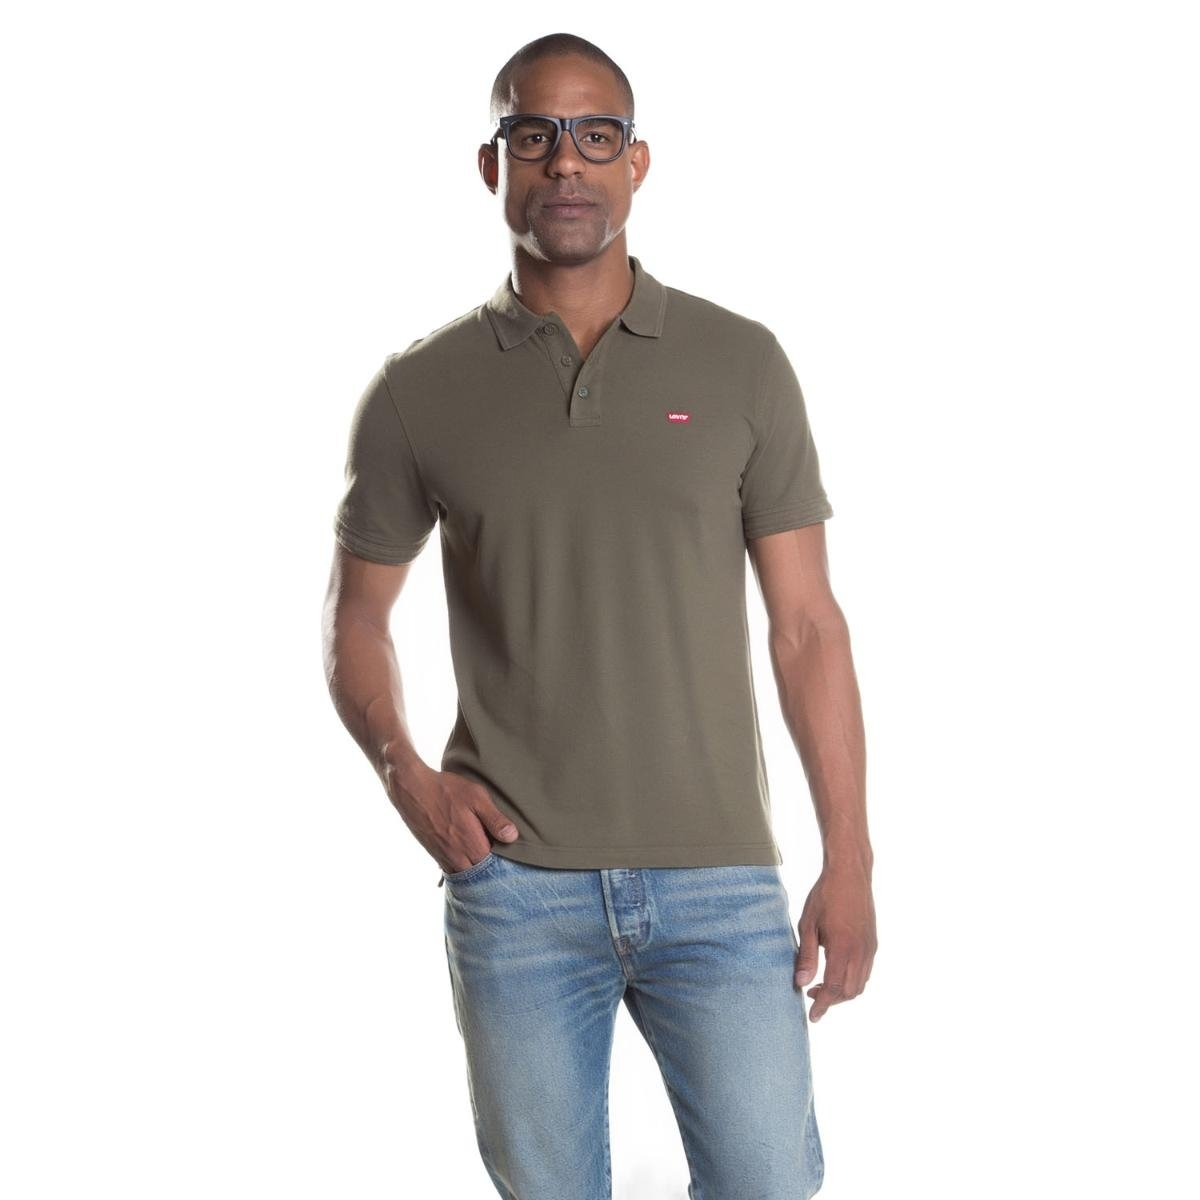 Camisa Levis Polo Housemark - Compre Agora  dd212022ceb76